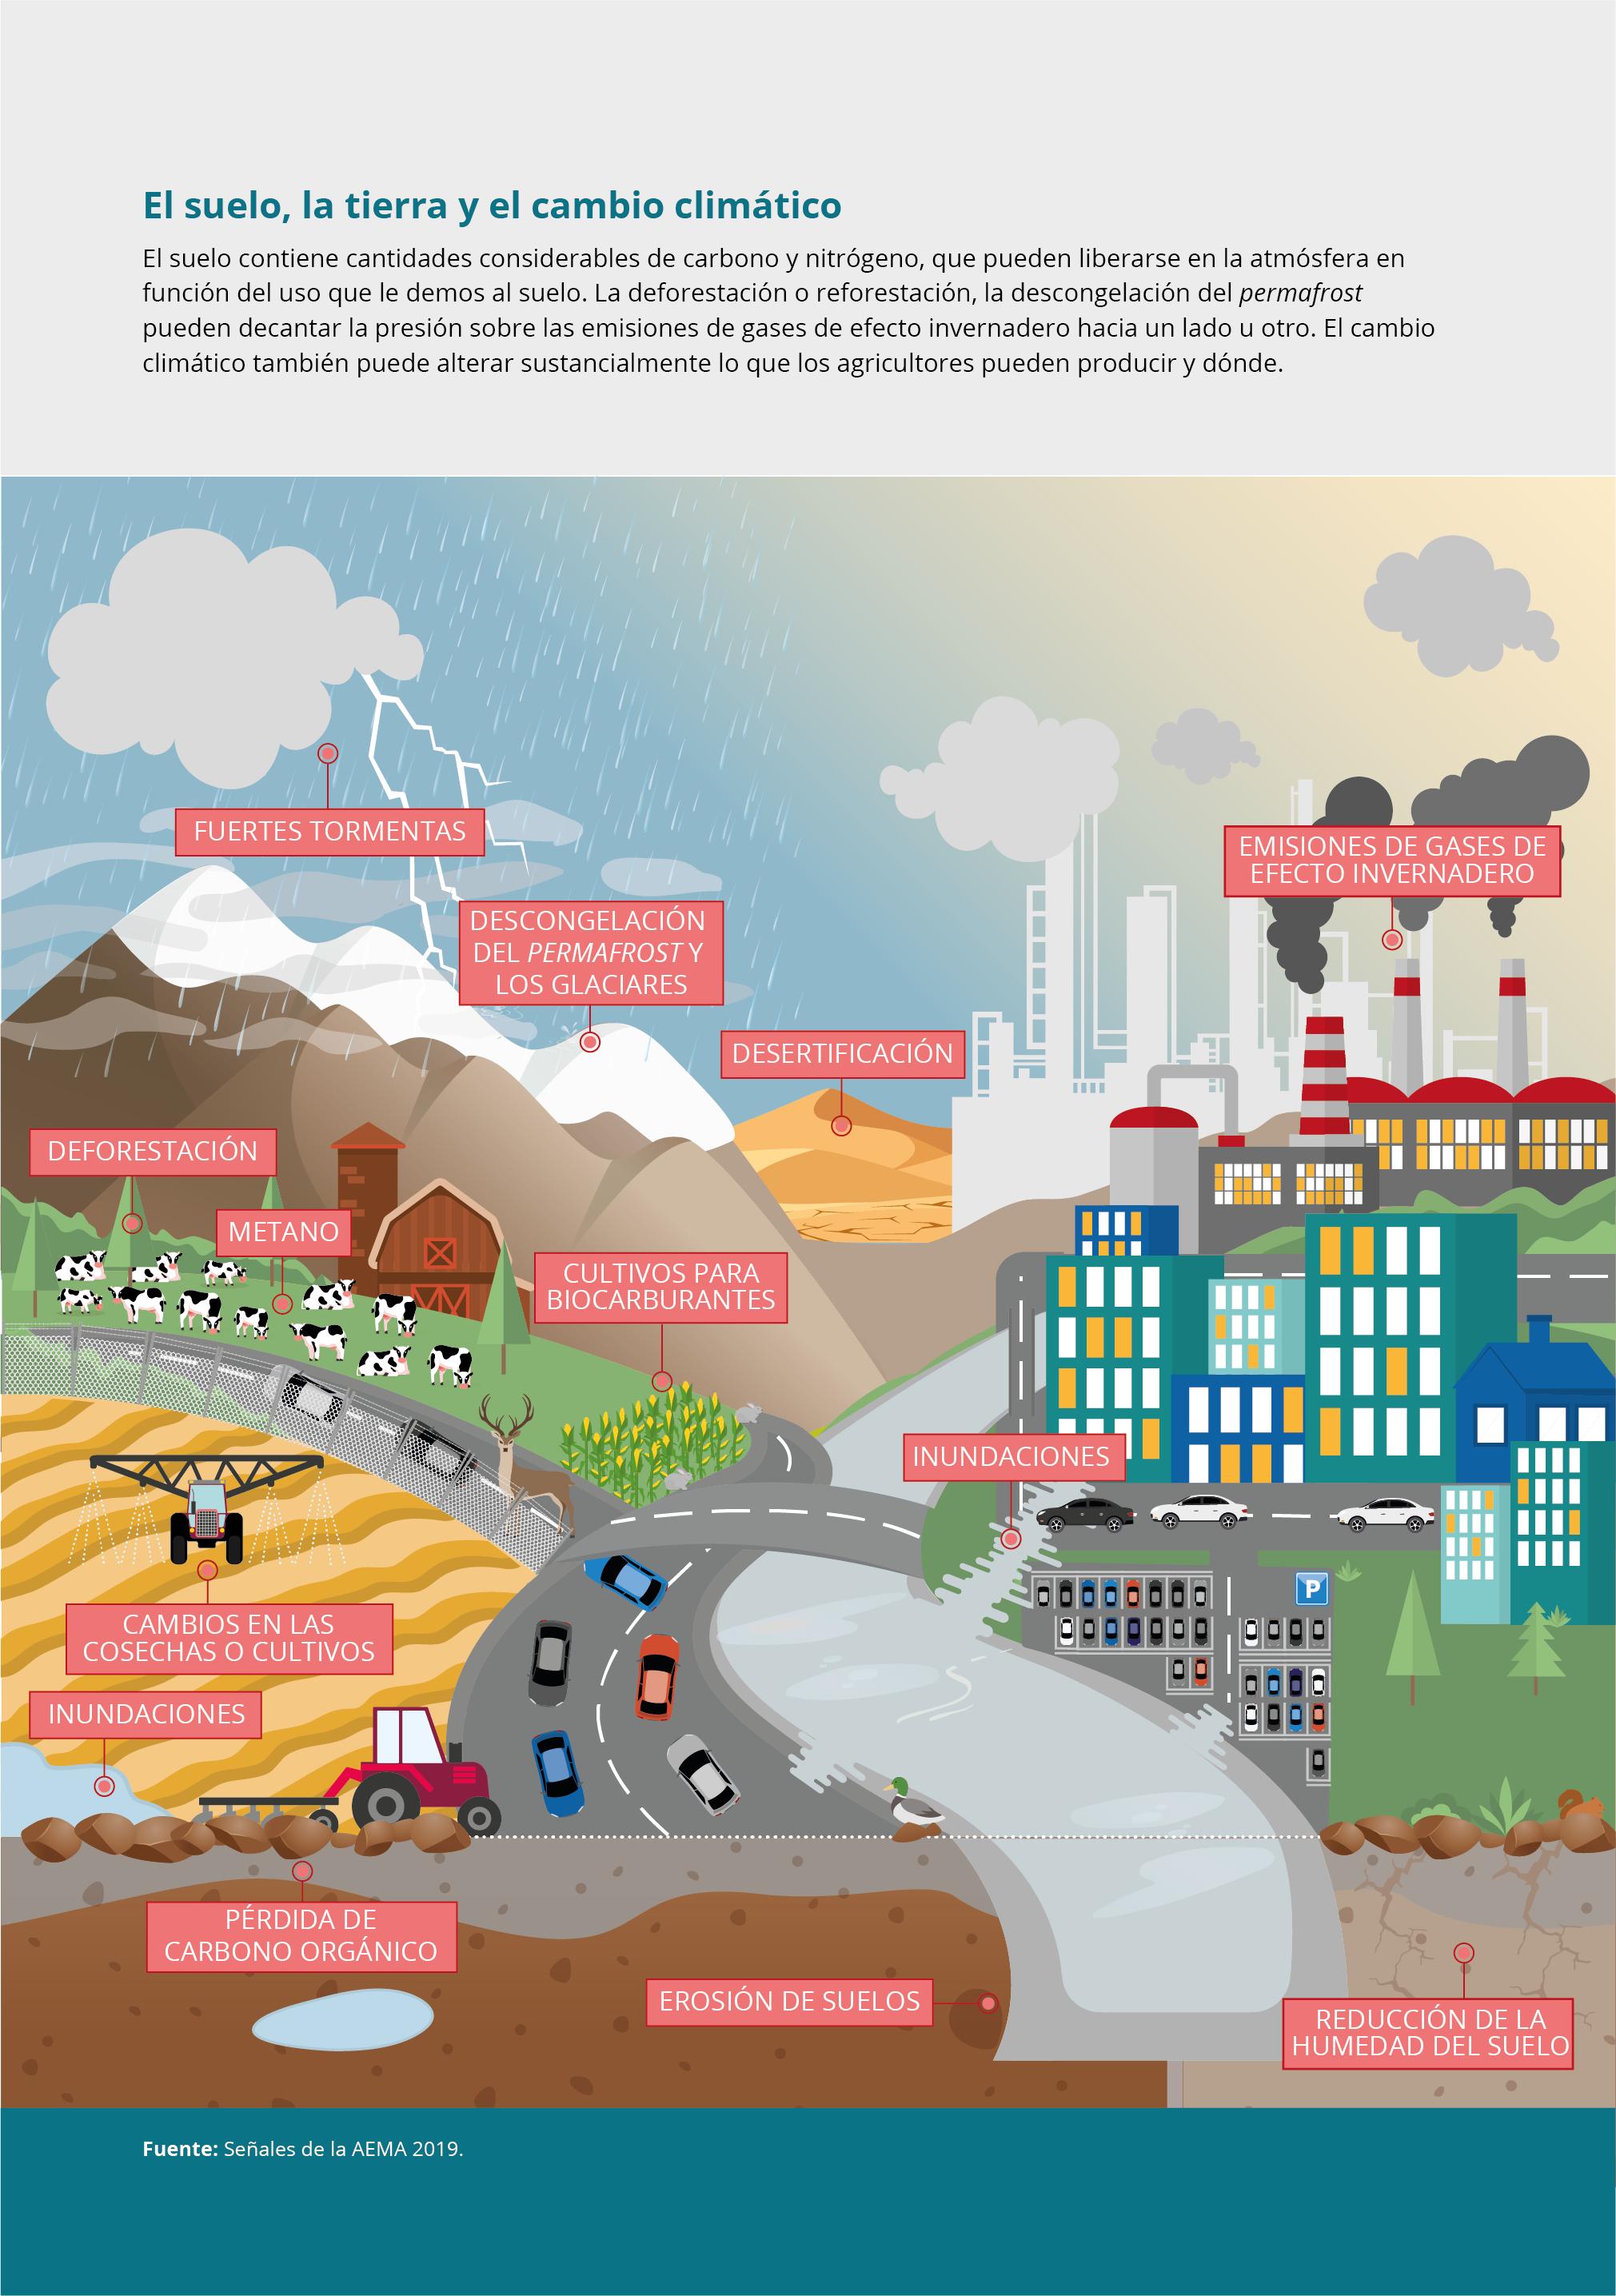 El suelo, la tierra y el cambio climático